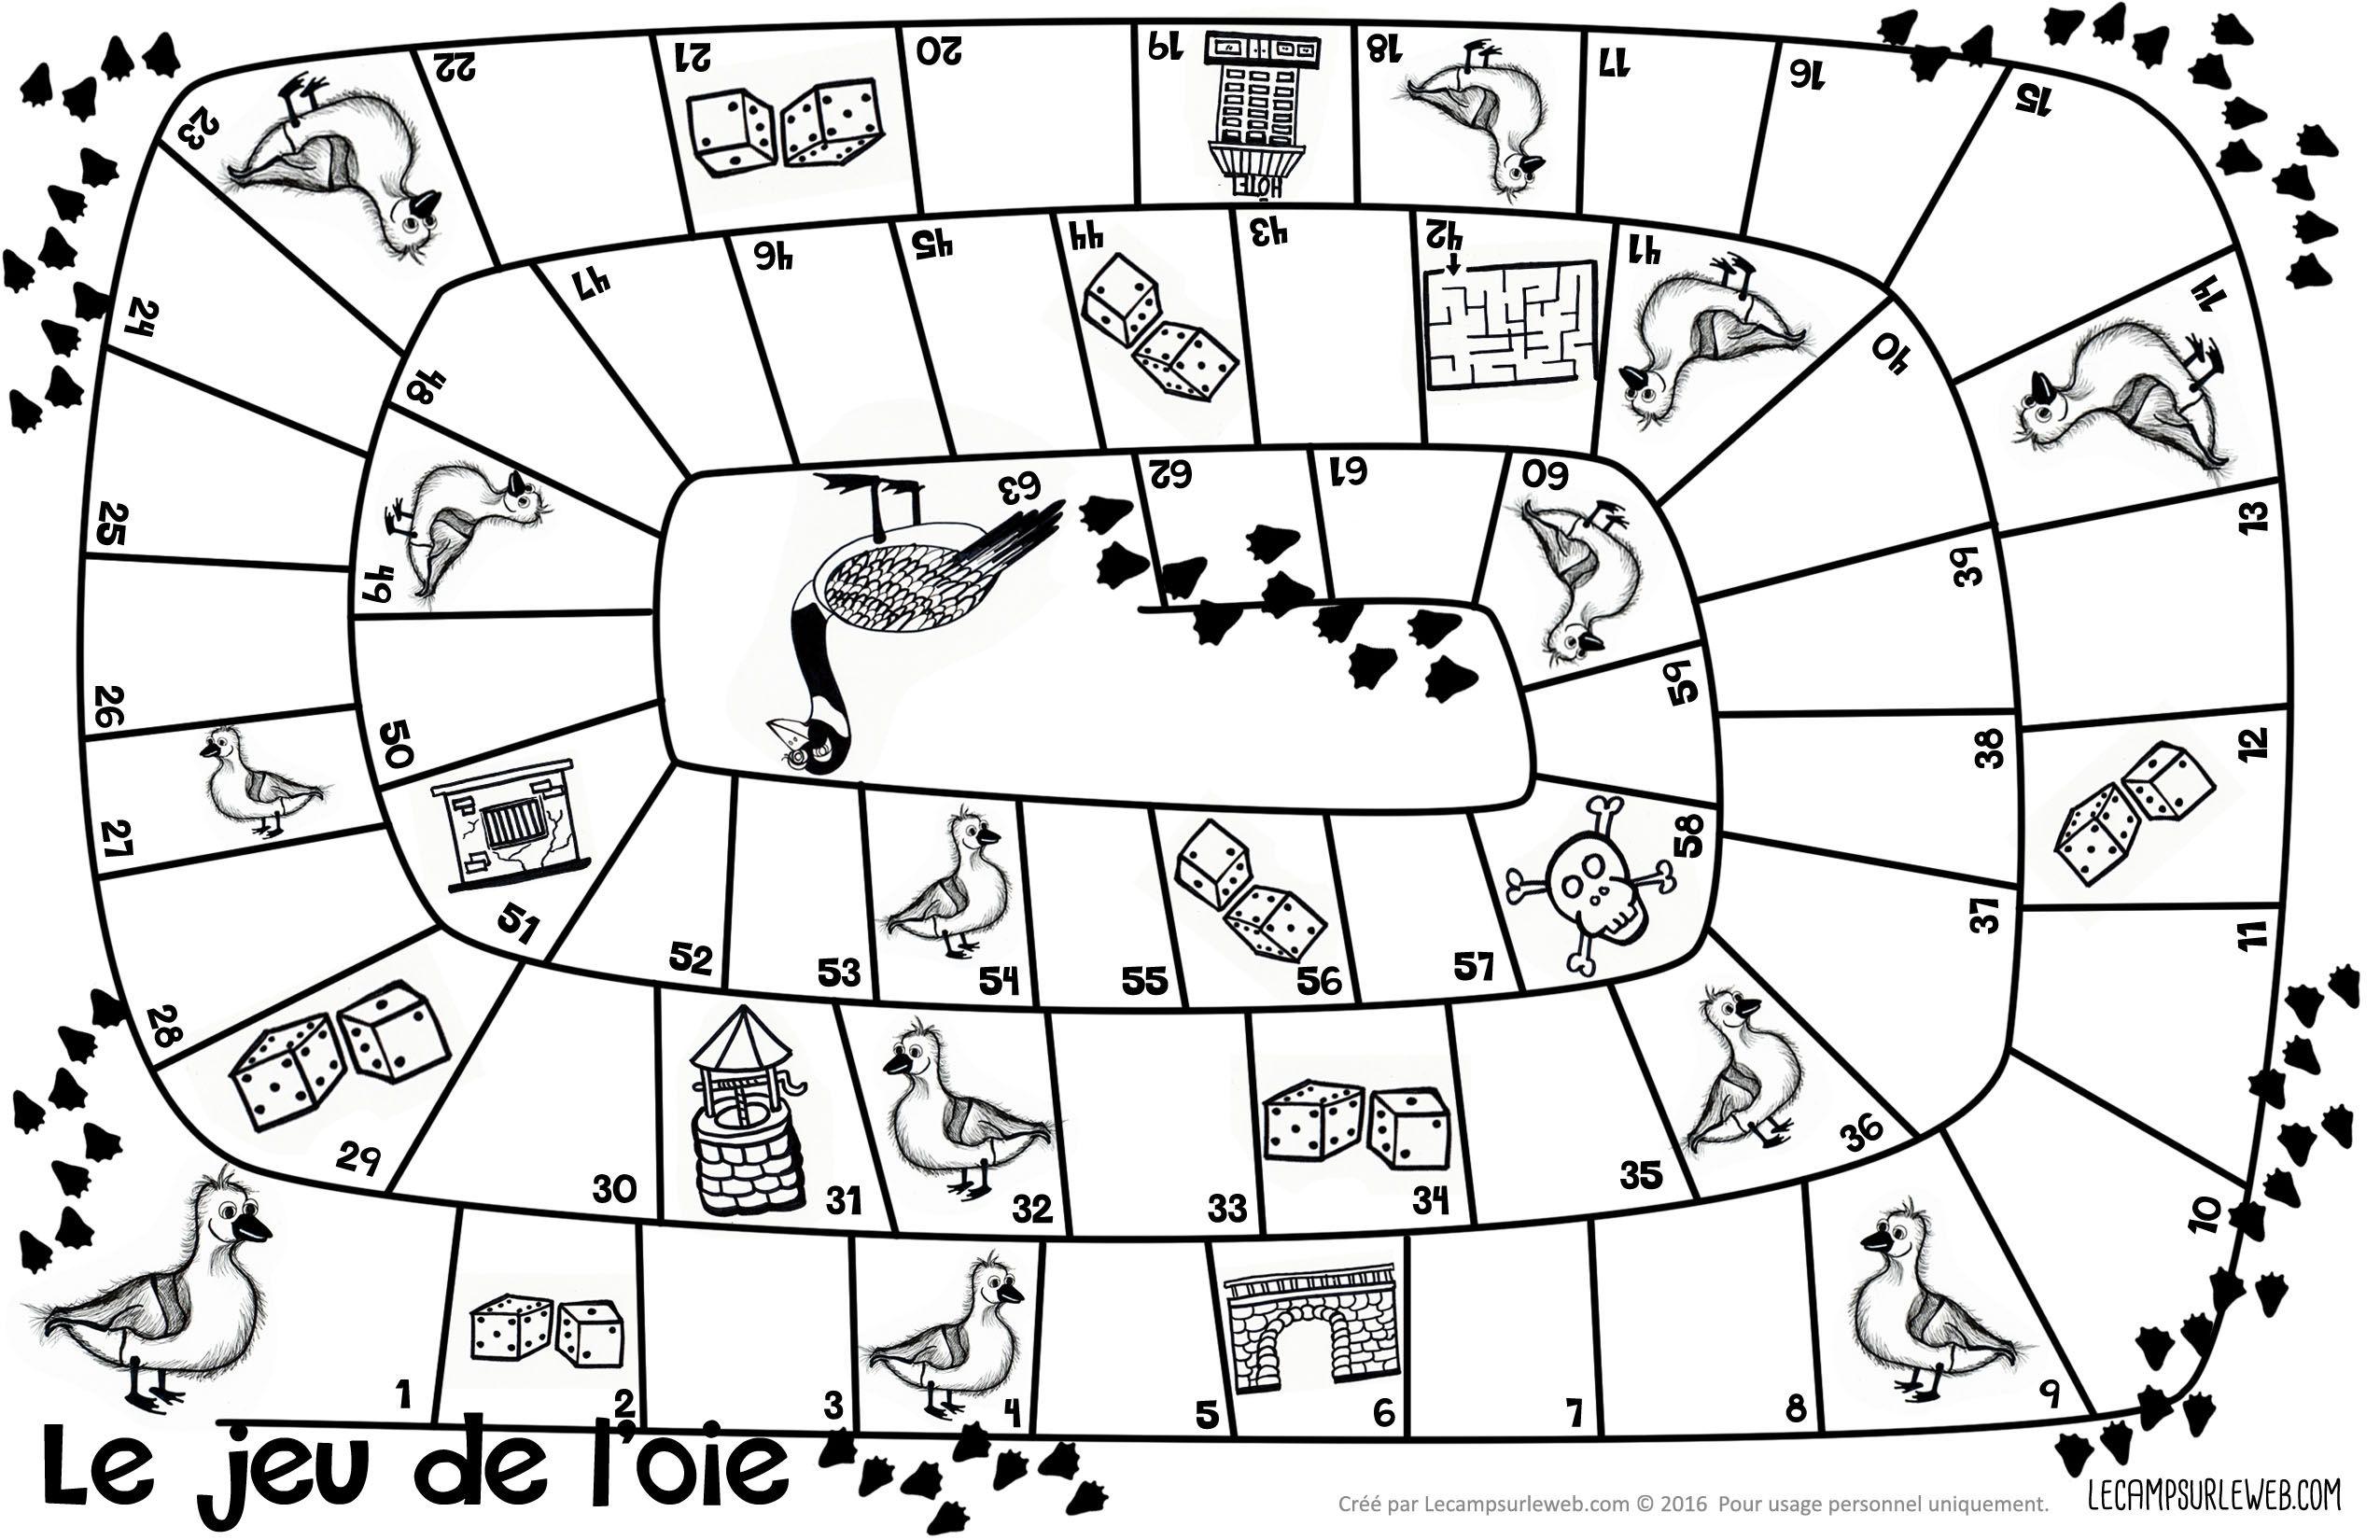 See original image | Jeu de l'oie, Jeux coloriage, Jeux de logique